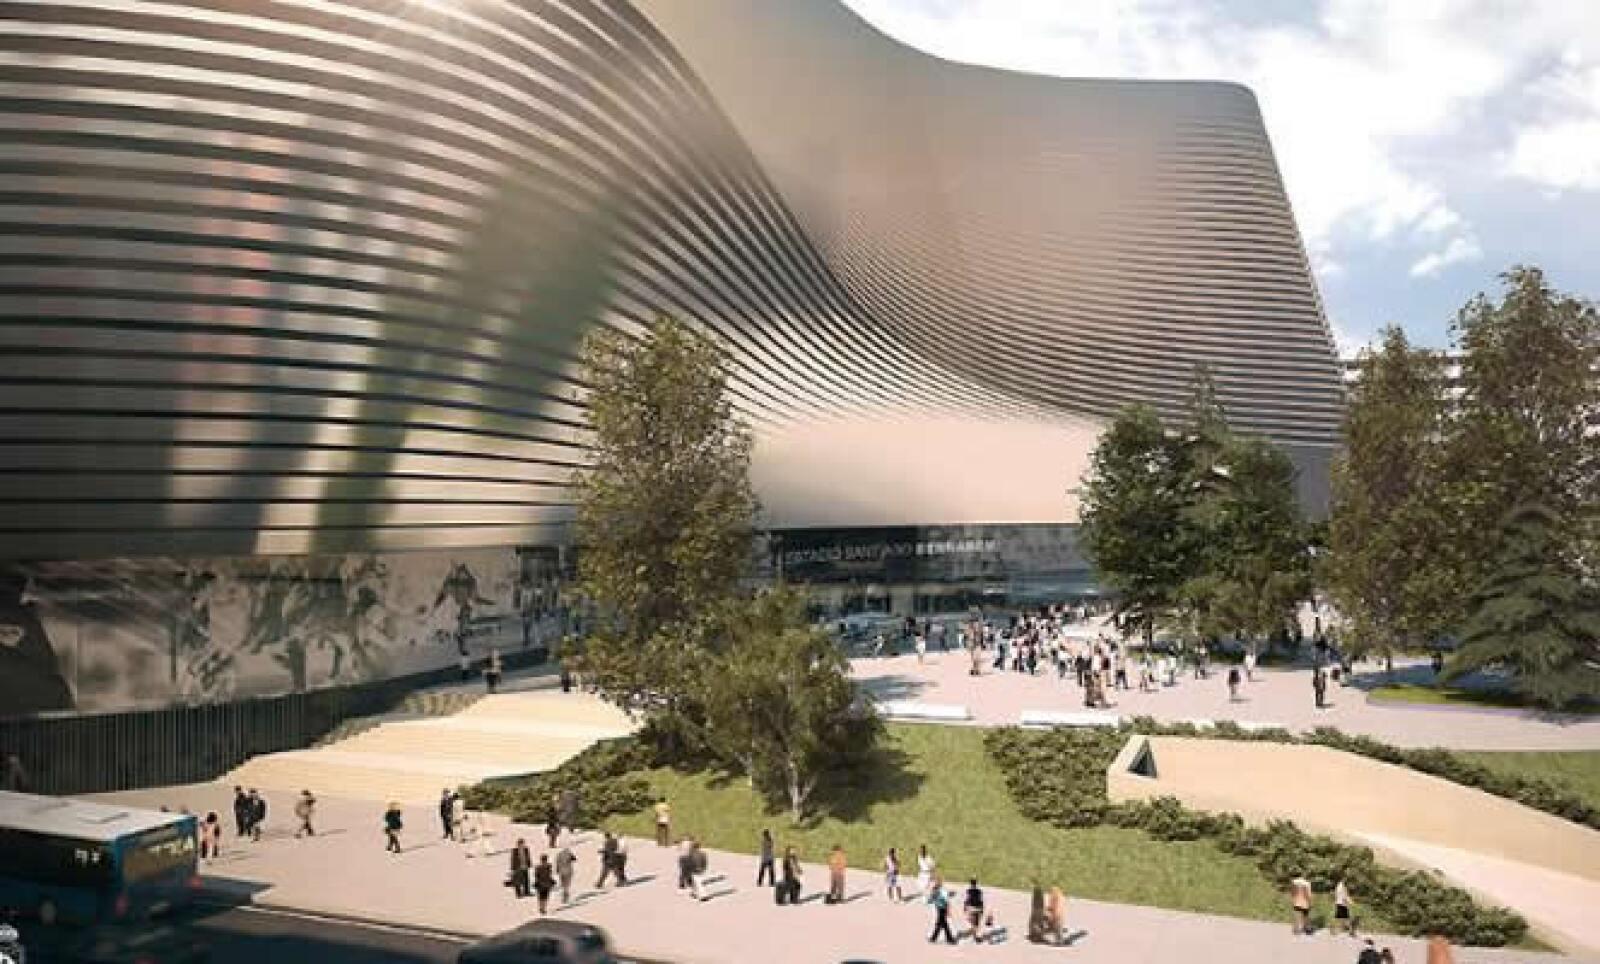 El estadio tendrá una cubierta retráctil que podrá abrirse y cerrarse en sólo 15 minutos y un marcador electrónico de 360 grados.